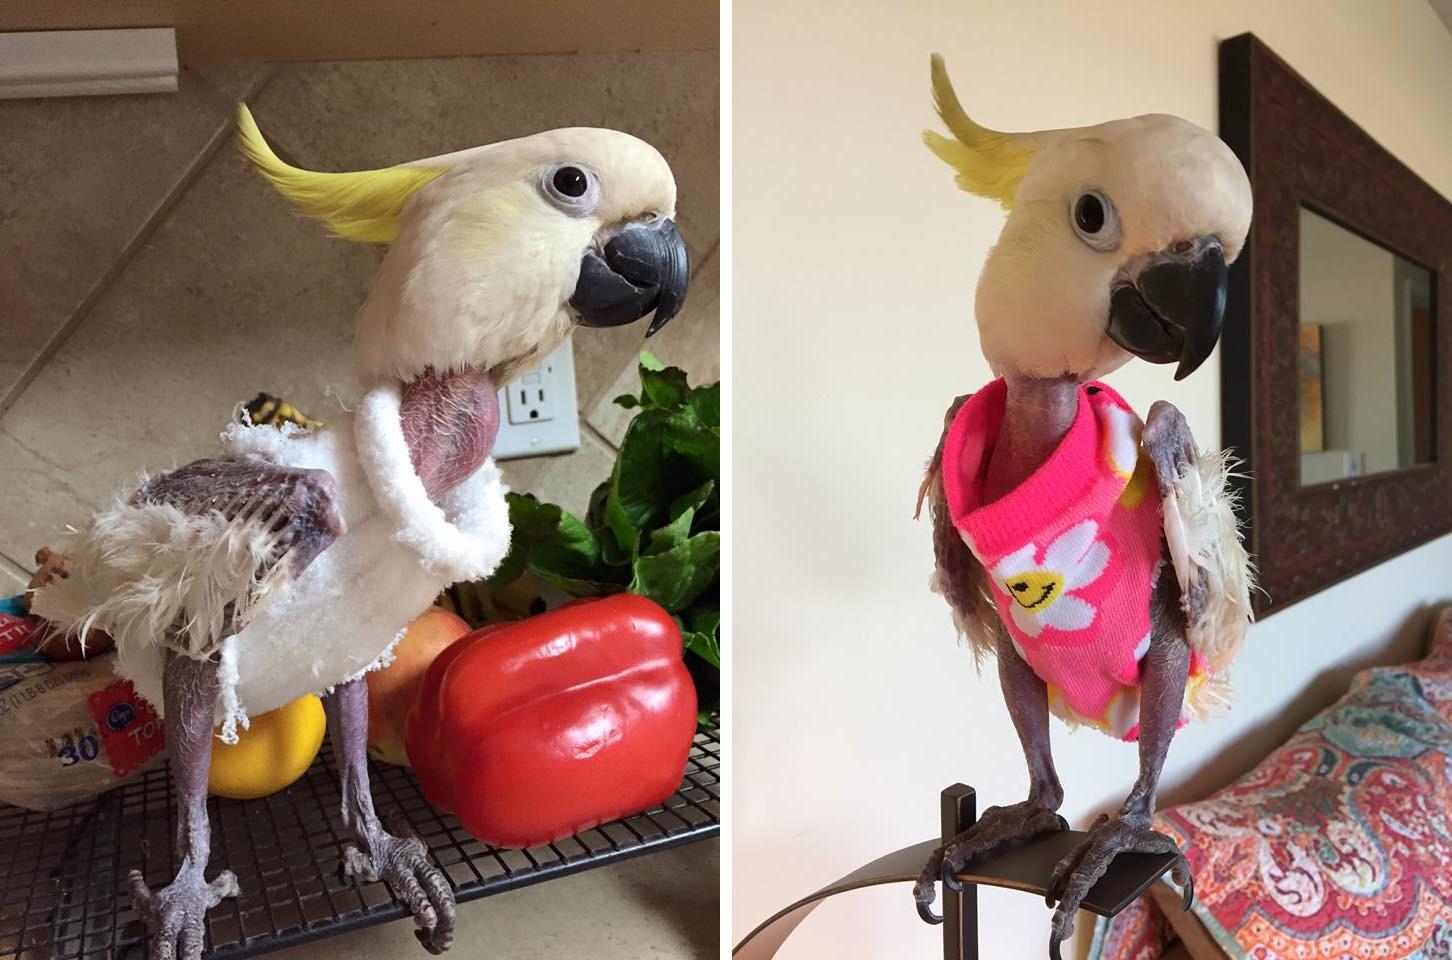 Aprócska pulóverek tartják melegen a depressziós papagájt, aki kitépkedte saját tollazatát